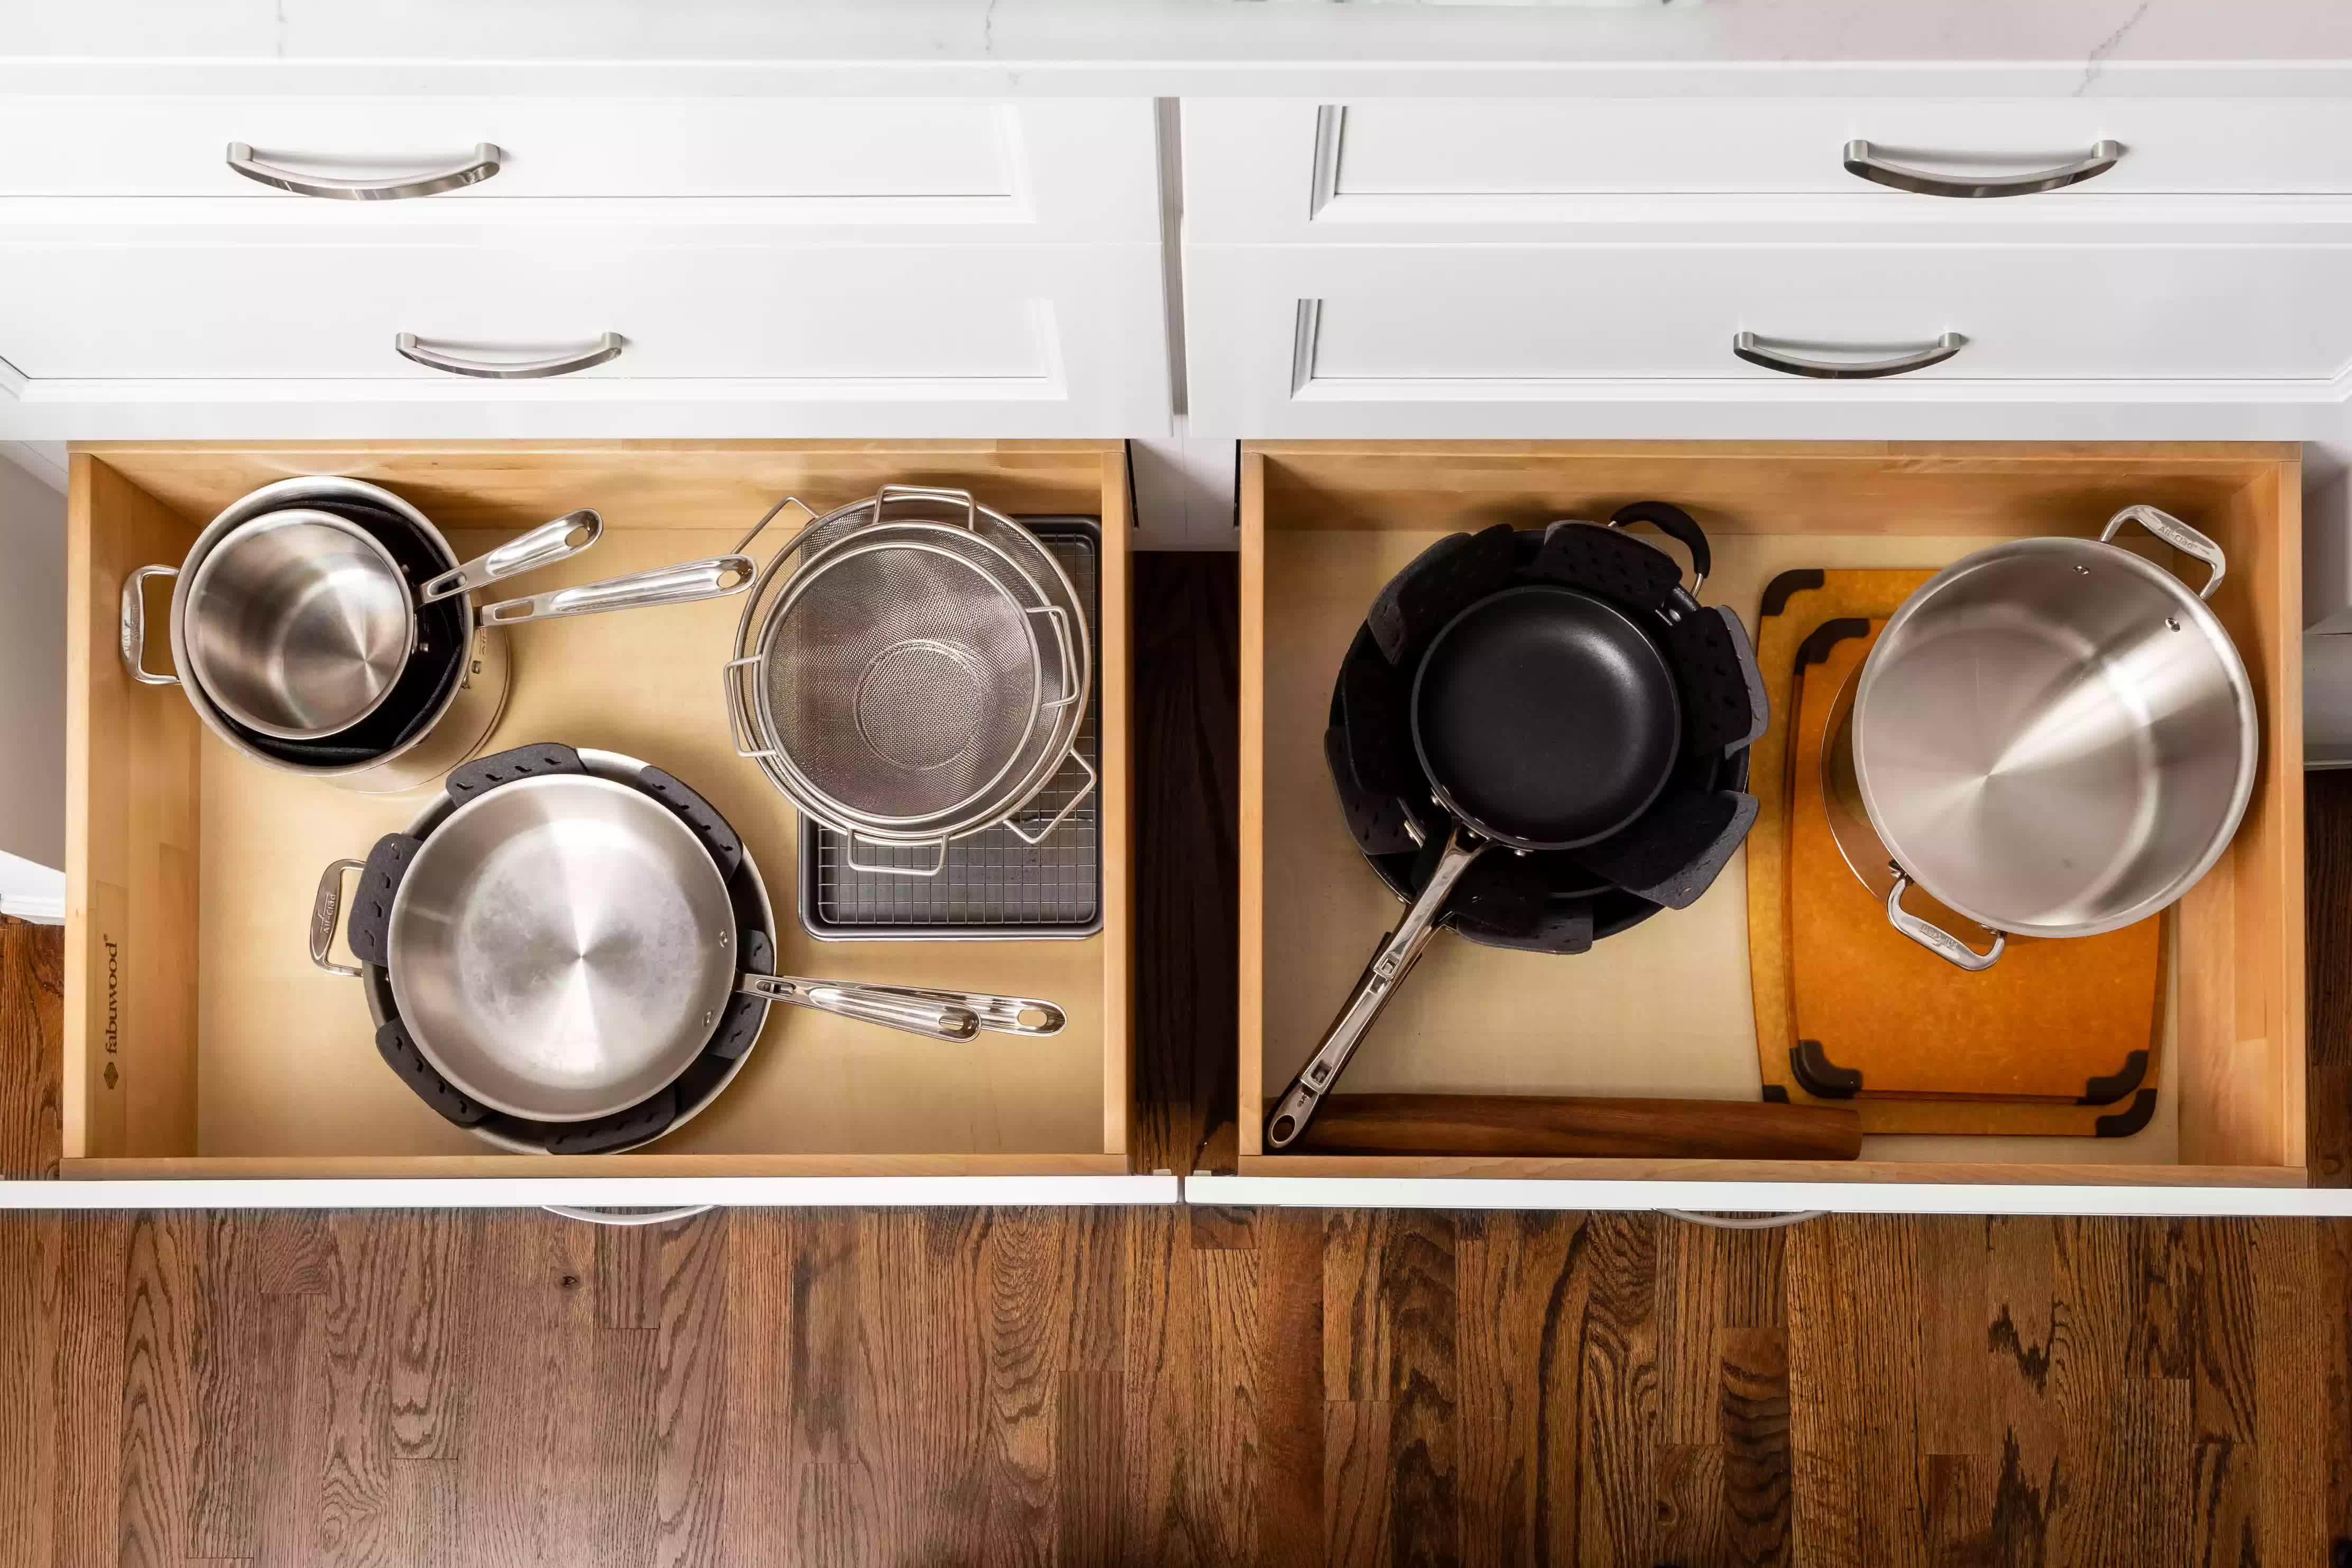 Mách bạn 5 cách sắp xếp nhà bếp gọn gàng và sạch sẽ - Ảnh 1.